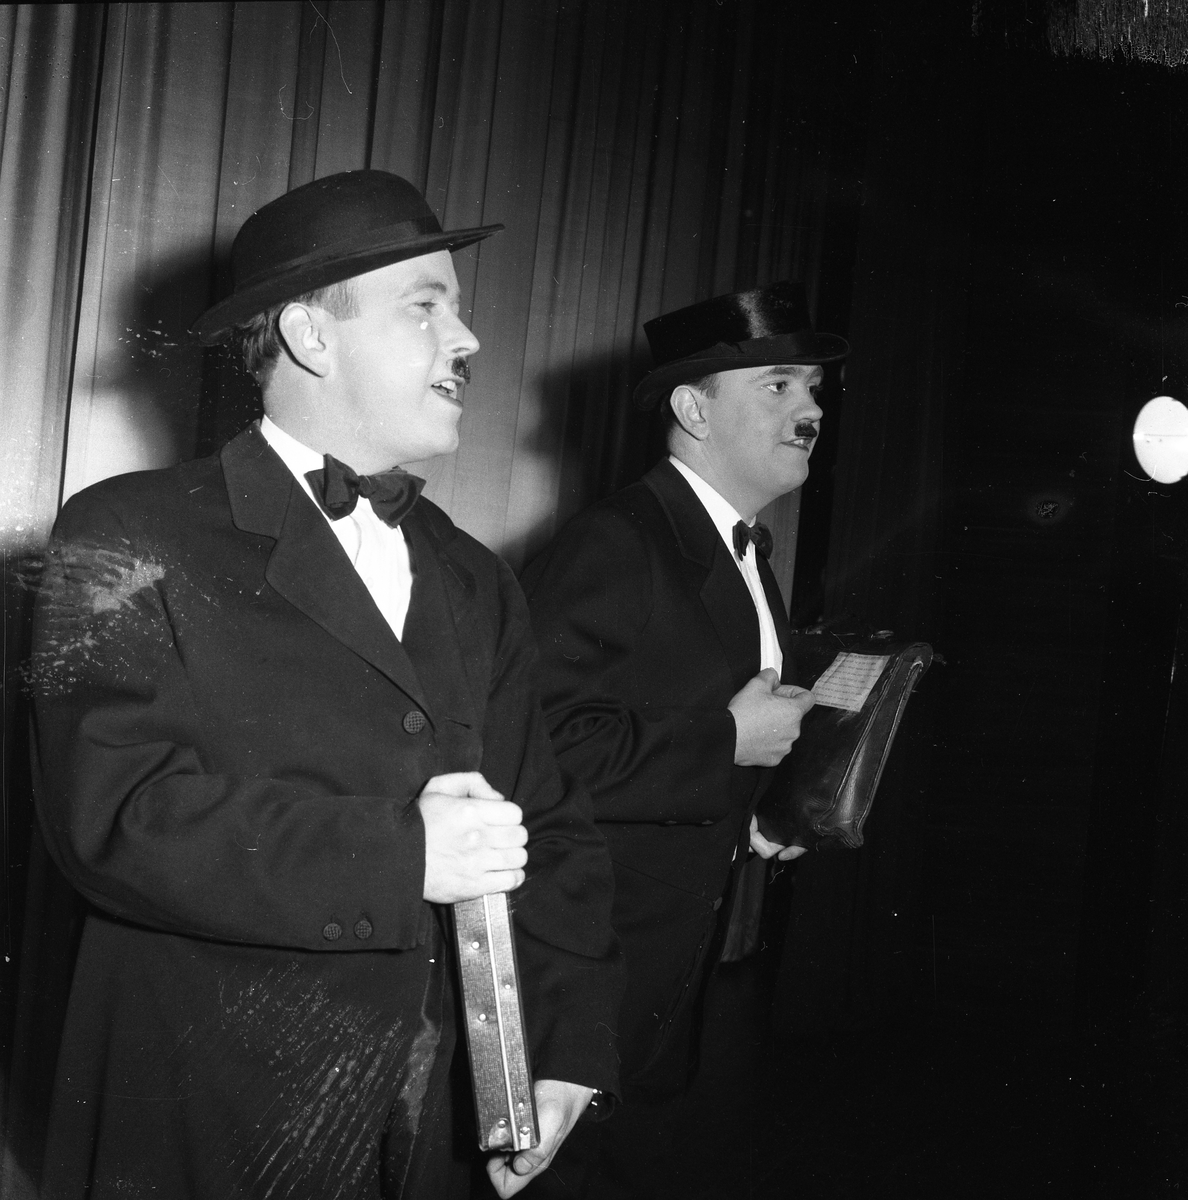 Medlemmarna i Arbogarevyn spelar upp sin Jubileumsrevy. Två herrar på scenen, den högra är Rune Ström. De är klädda i kostym, fluga och hatt. Rune har en portfölj under armen.